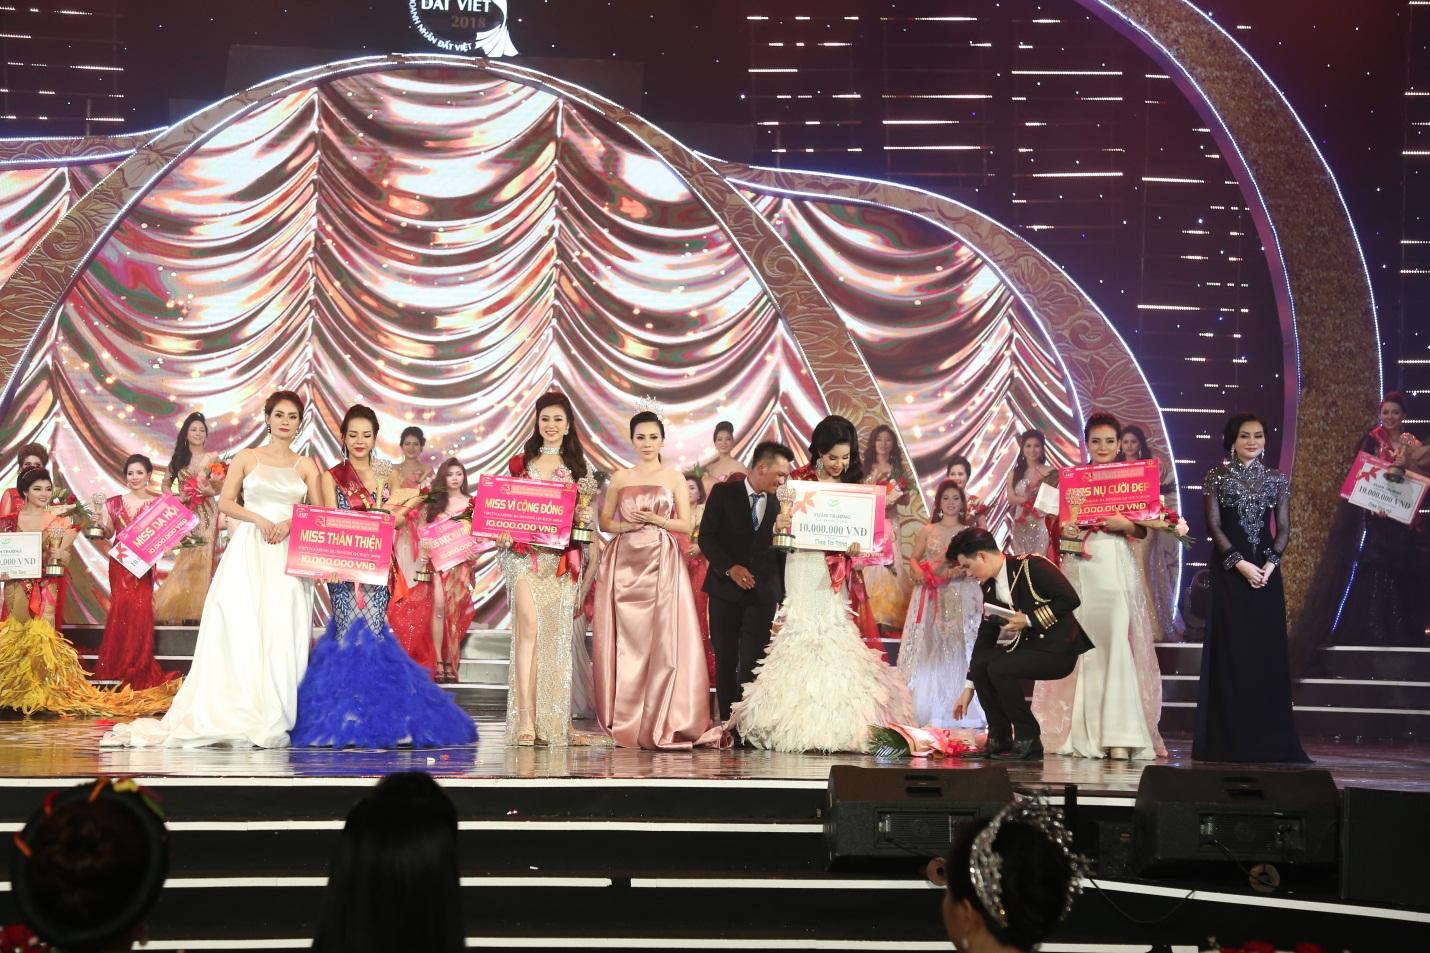 CEO Thủy Phạm giành cú đúp danh hiệu từ Nữ hoàng Doanh nhân đất Việt 2018 - Ảnh 7.